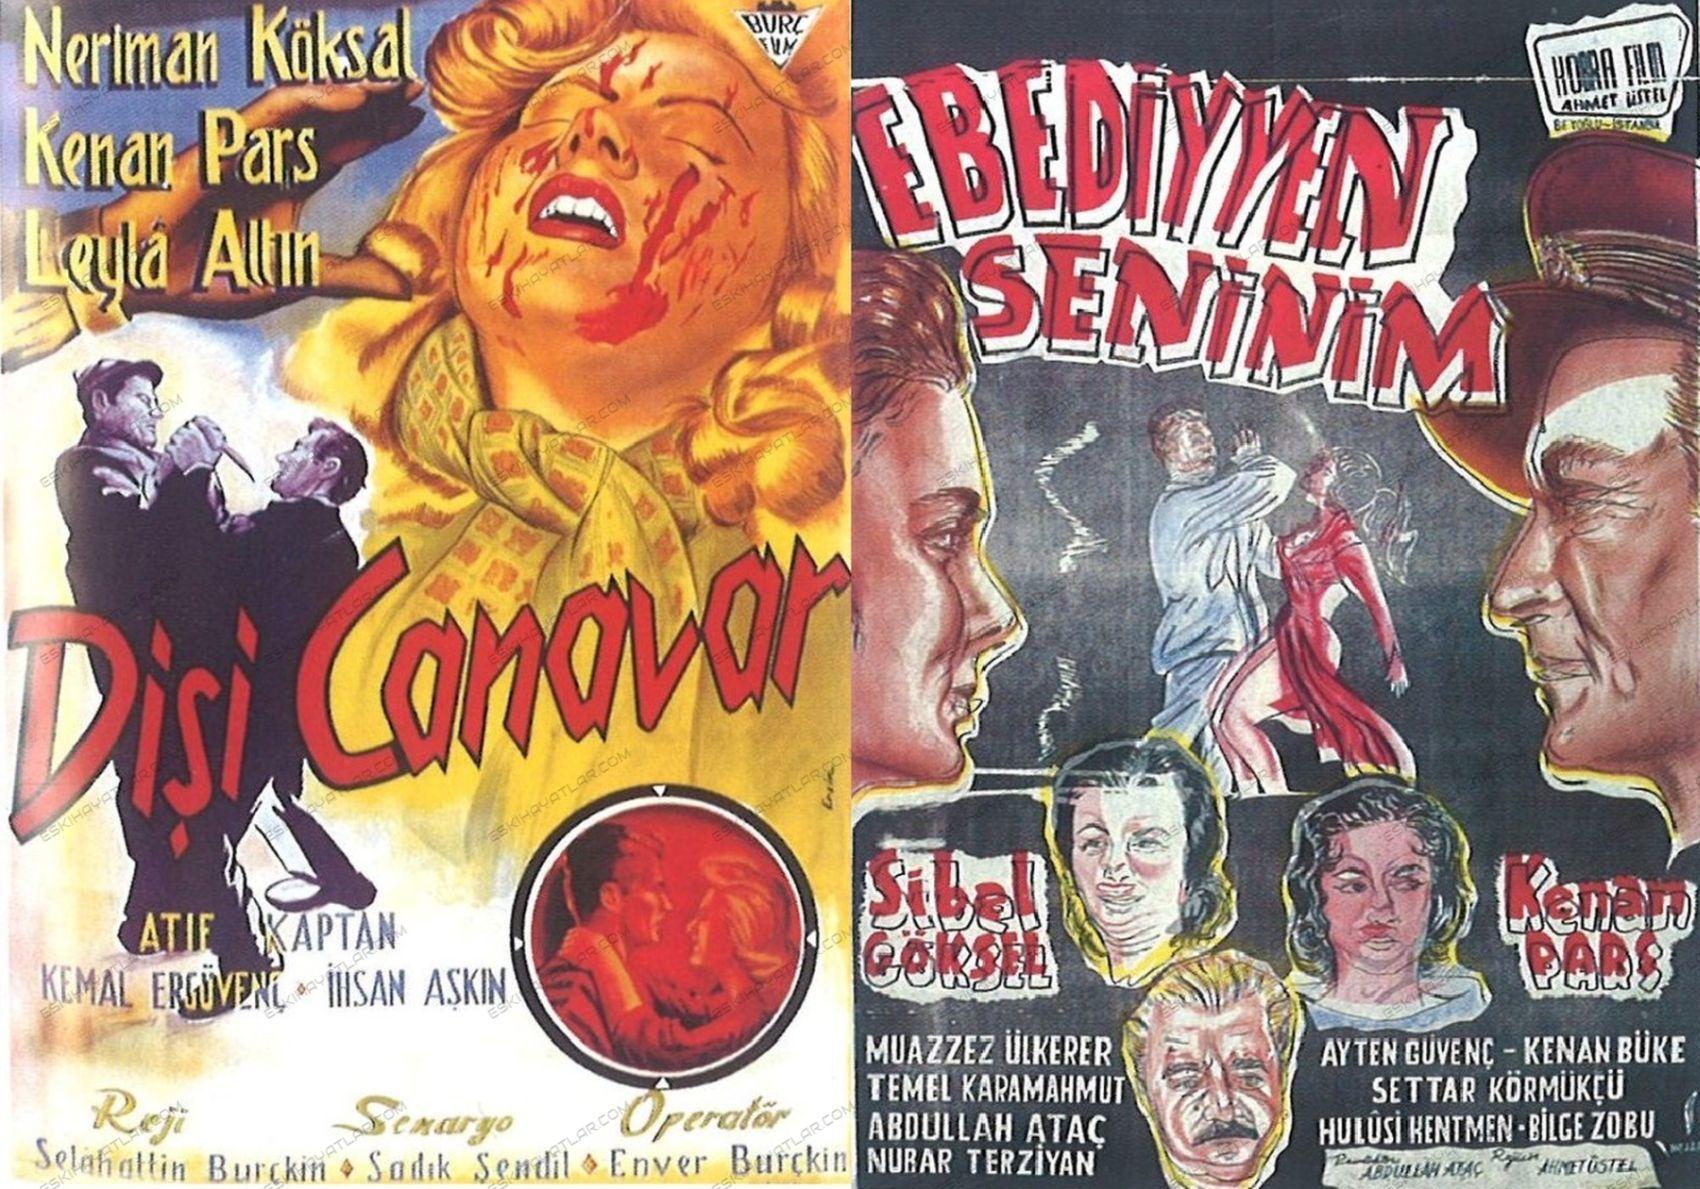 0171-kenan-pars-kimdir-kirkor-cezveciyan-film-afisleri-disi-canavar-1957-ebediyyen-seninim